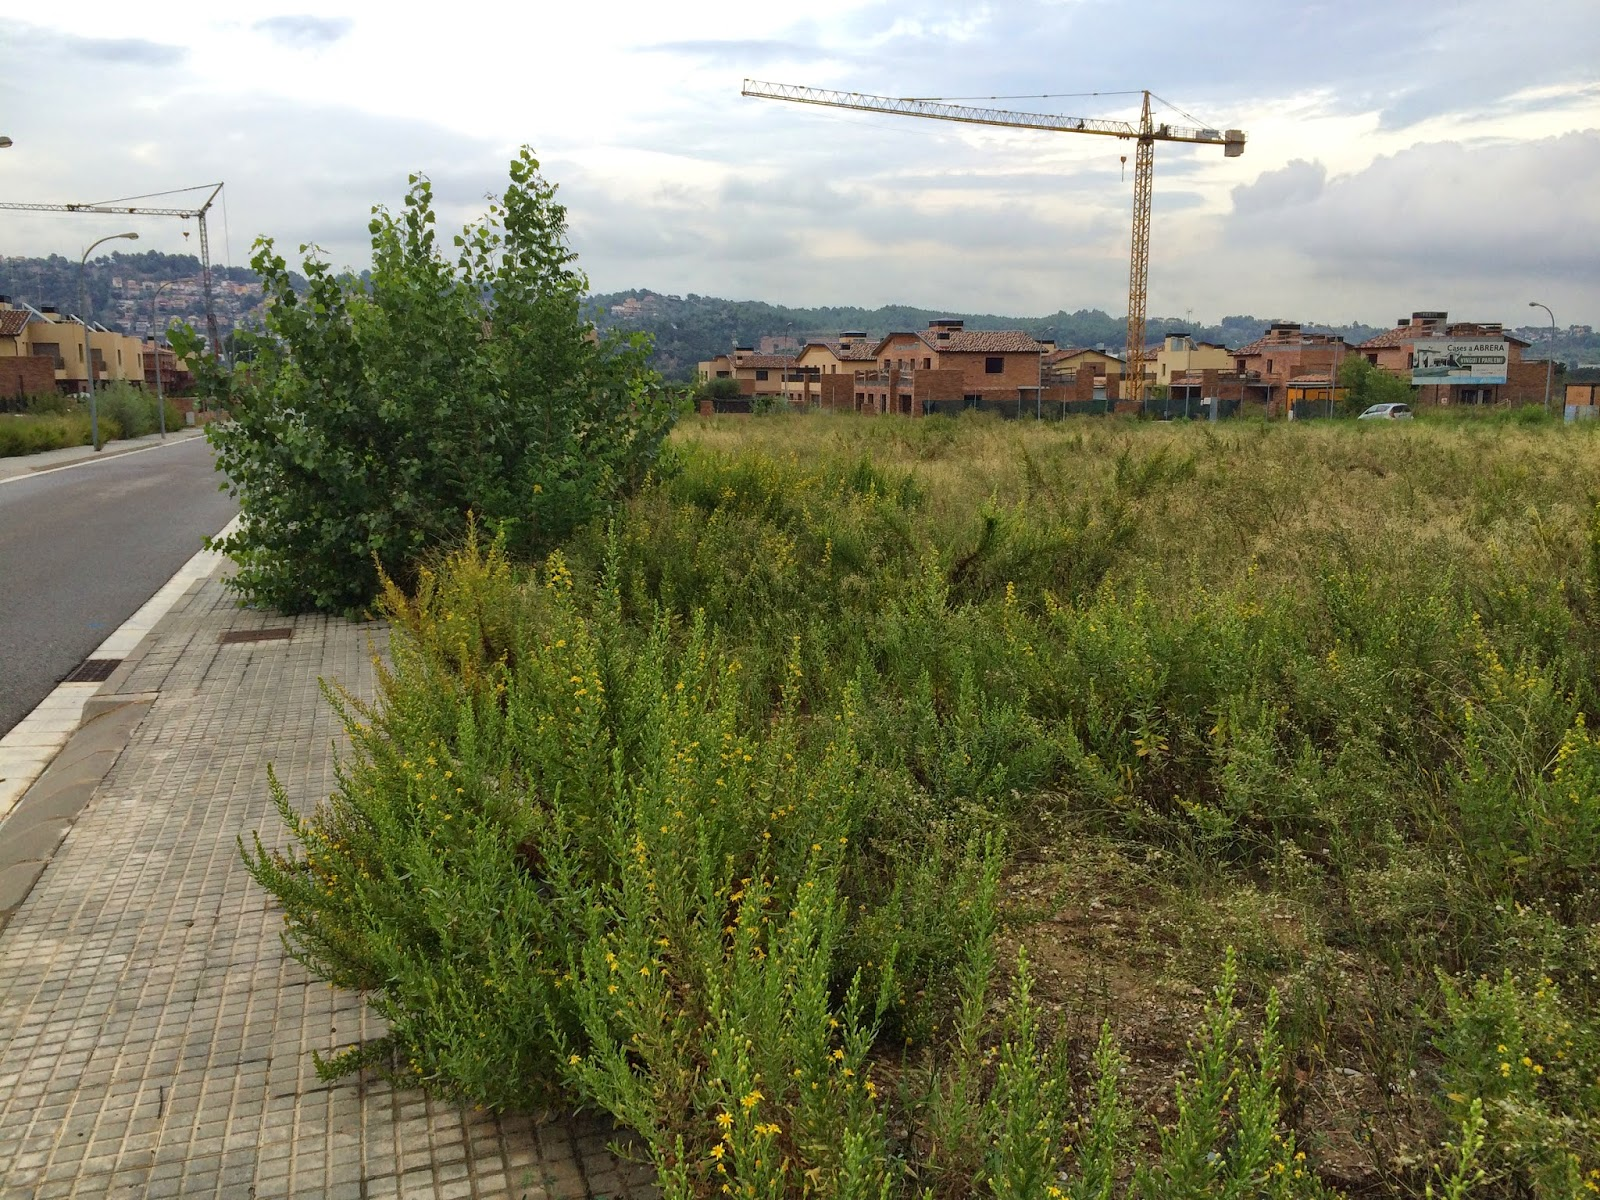 Serviciosdejardineriabasica limpiezas r pidas desbrozado for Jardineria barata barcelona